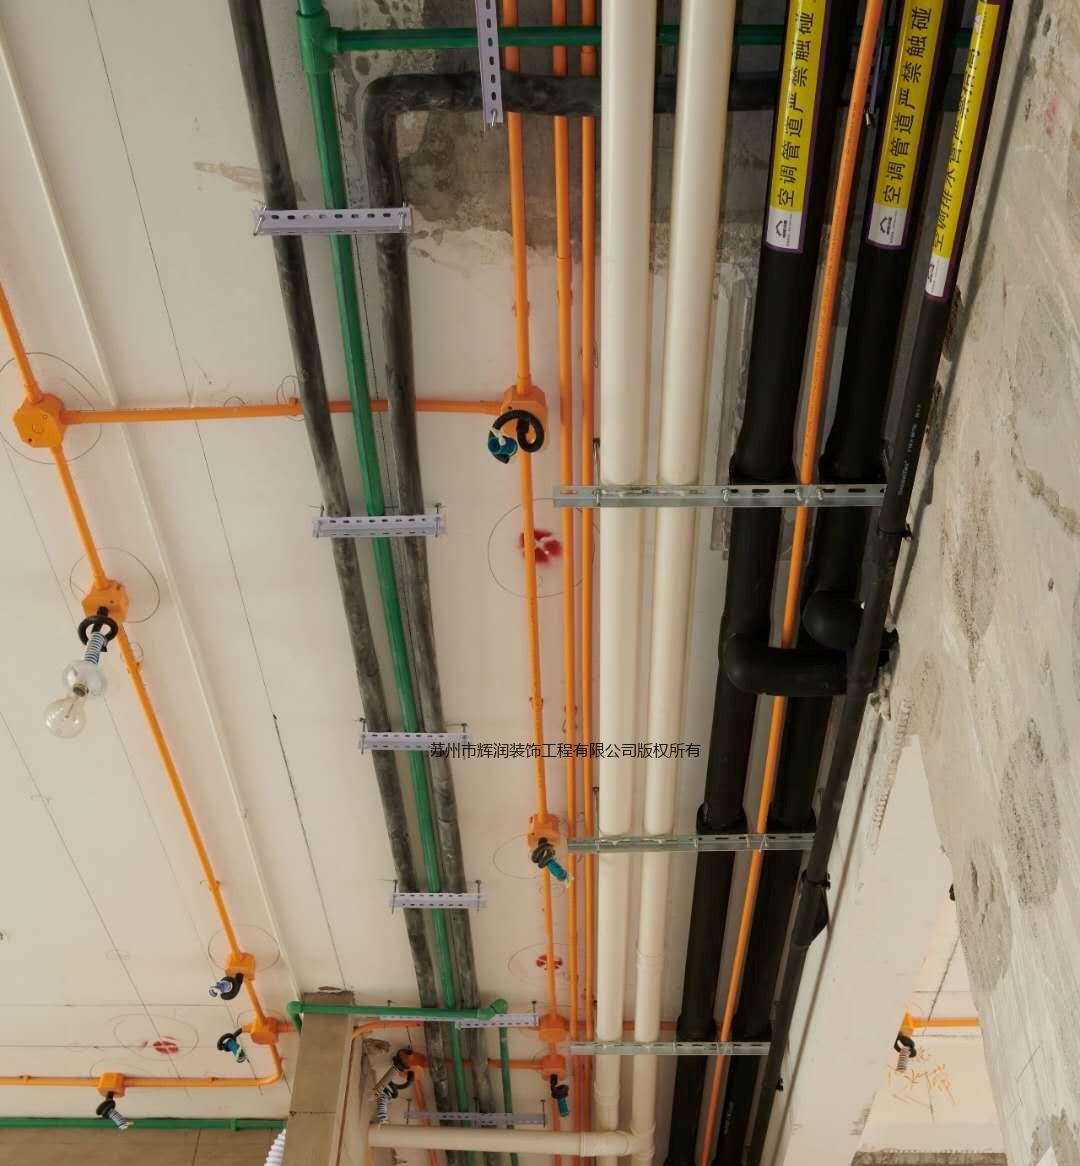 别墅案例图库之精致是一种生活态度电气施工